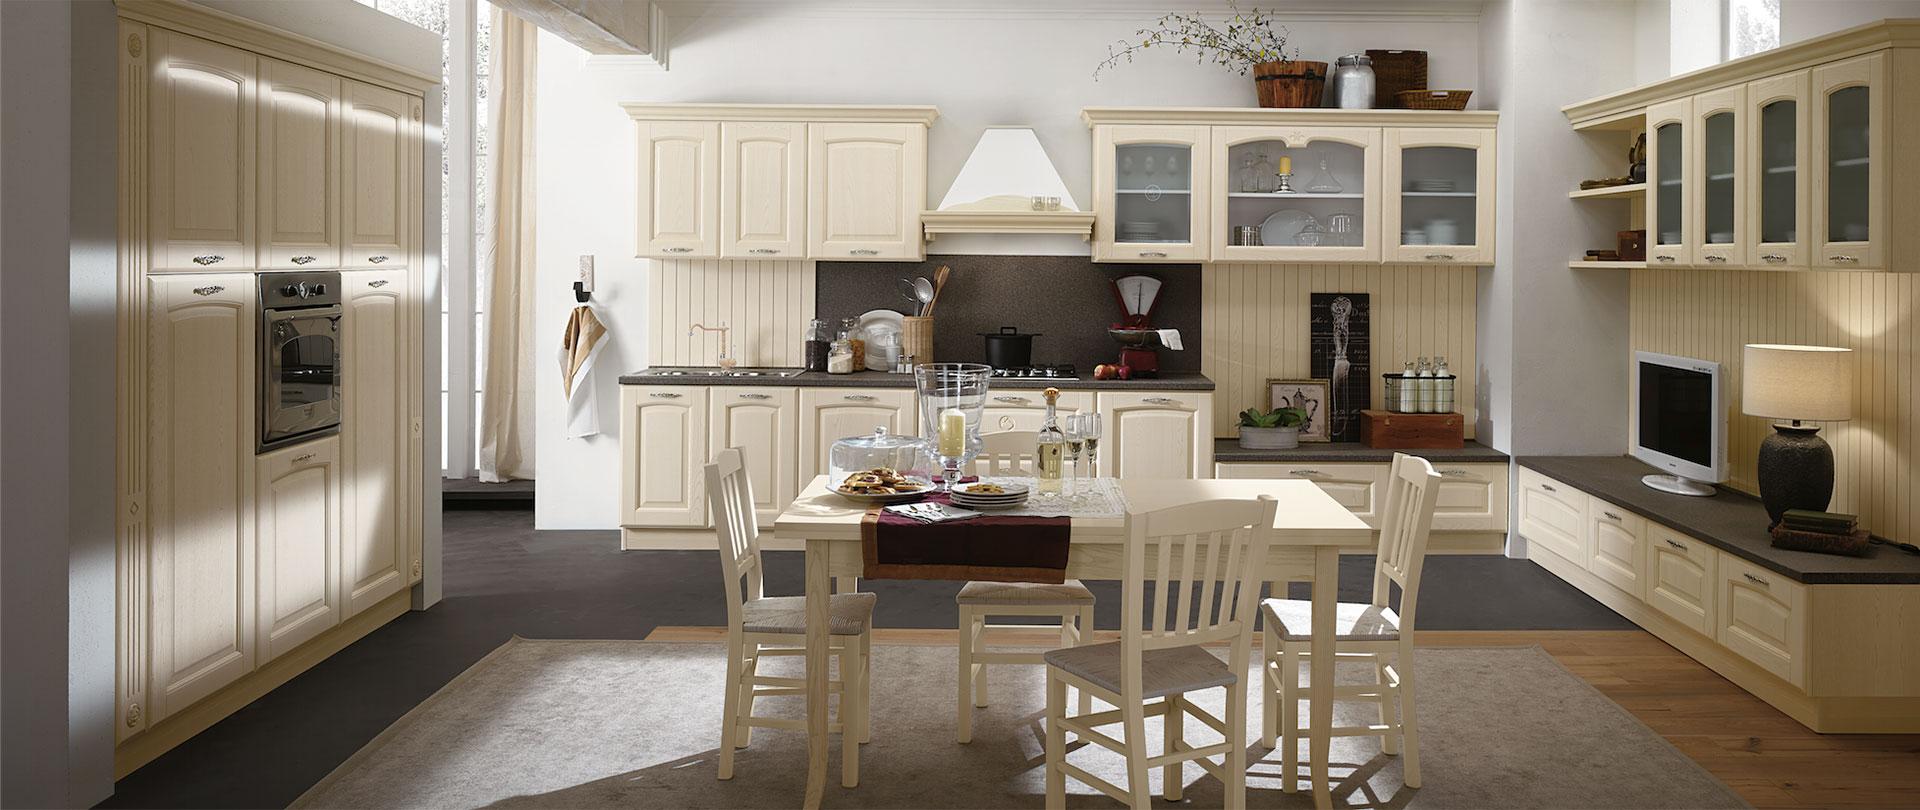 Cucine classiche cagliari cucine mobilturi arredi 2000 cagliari - Cucine mobilturi ...